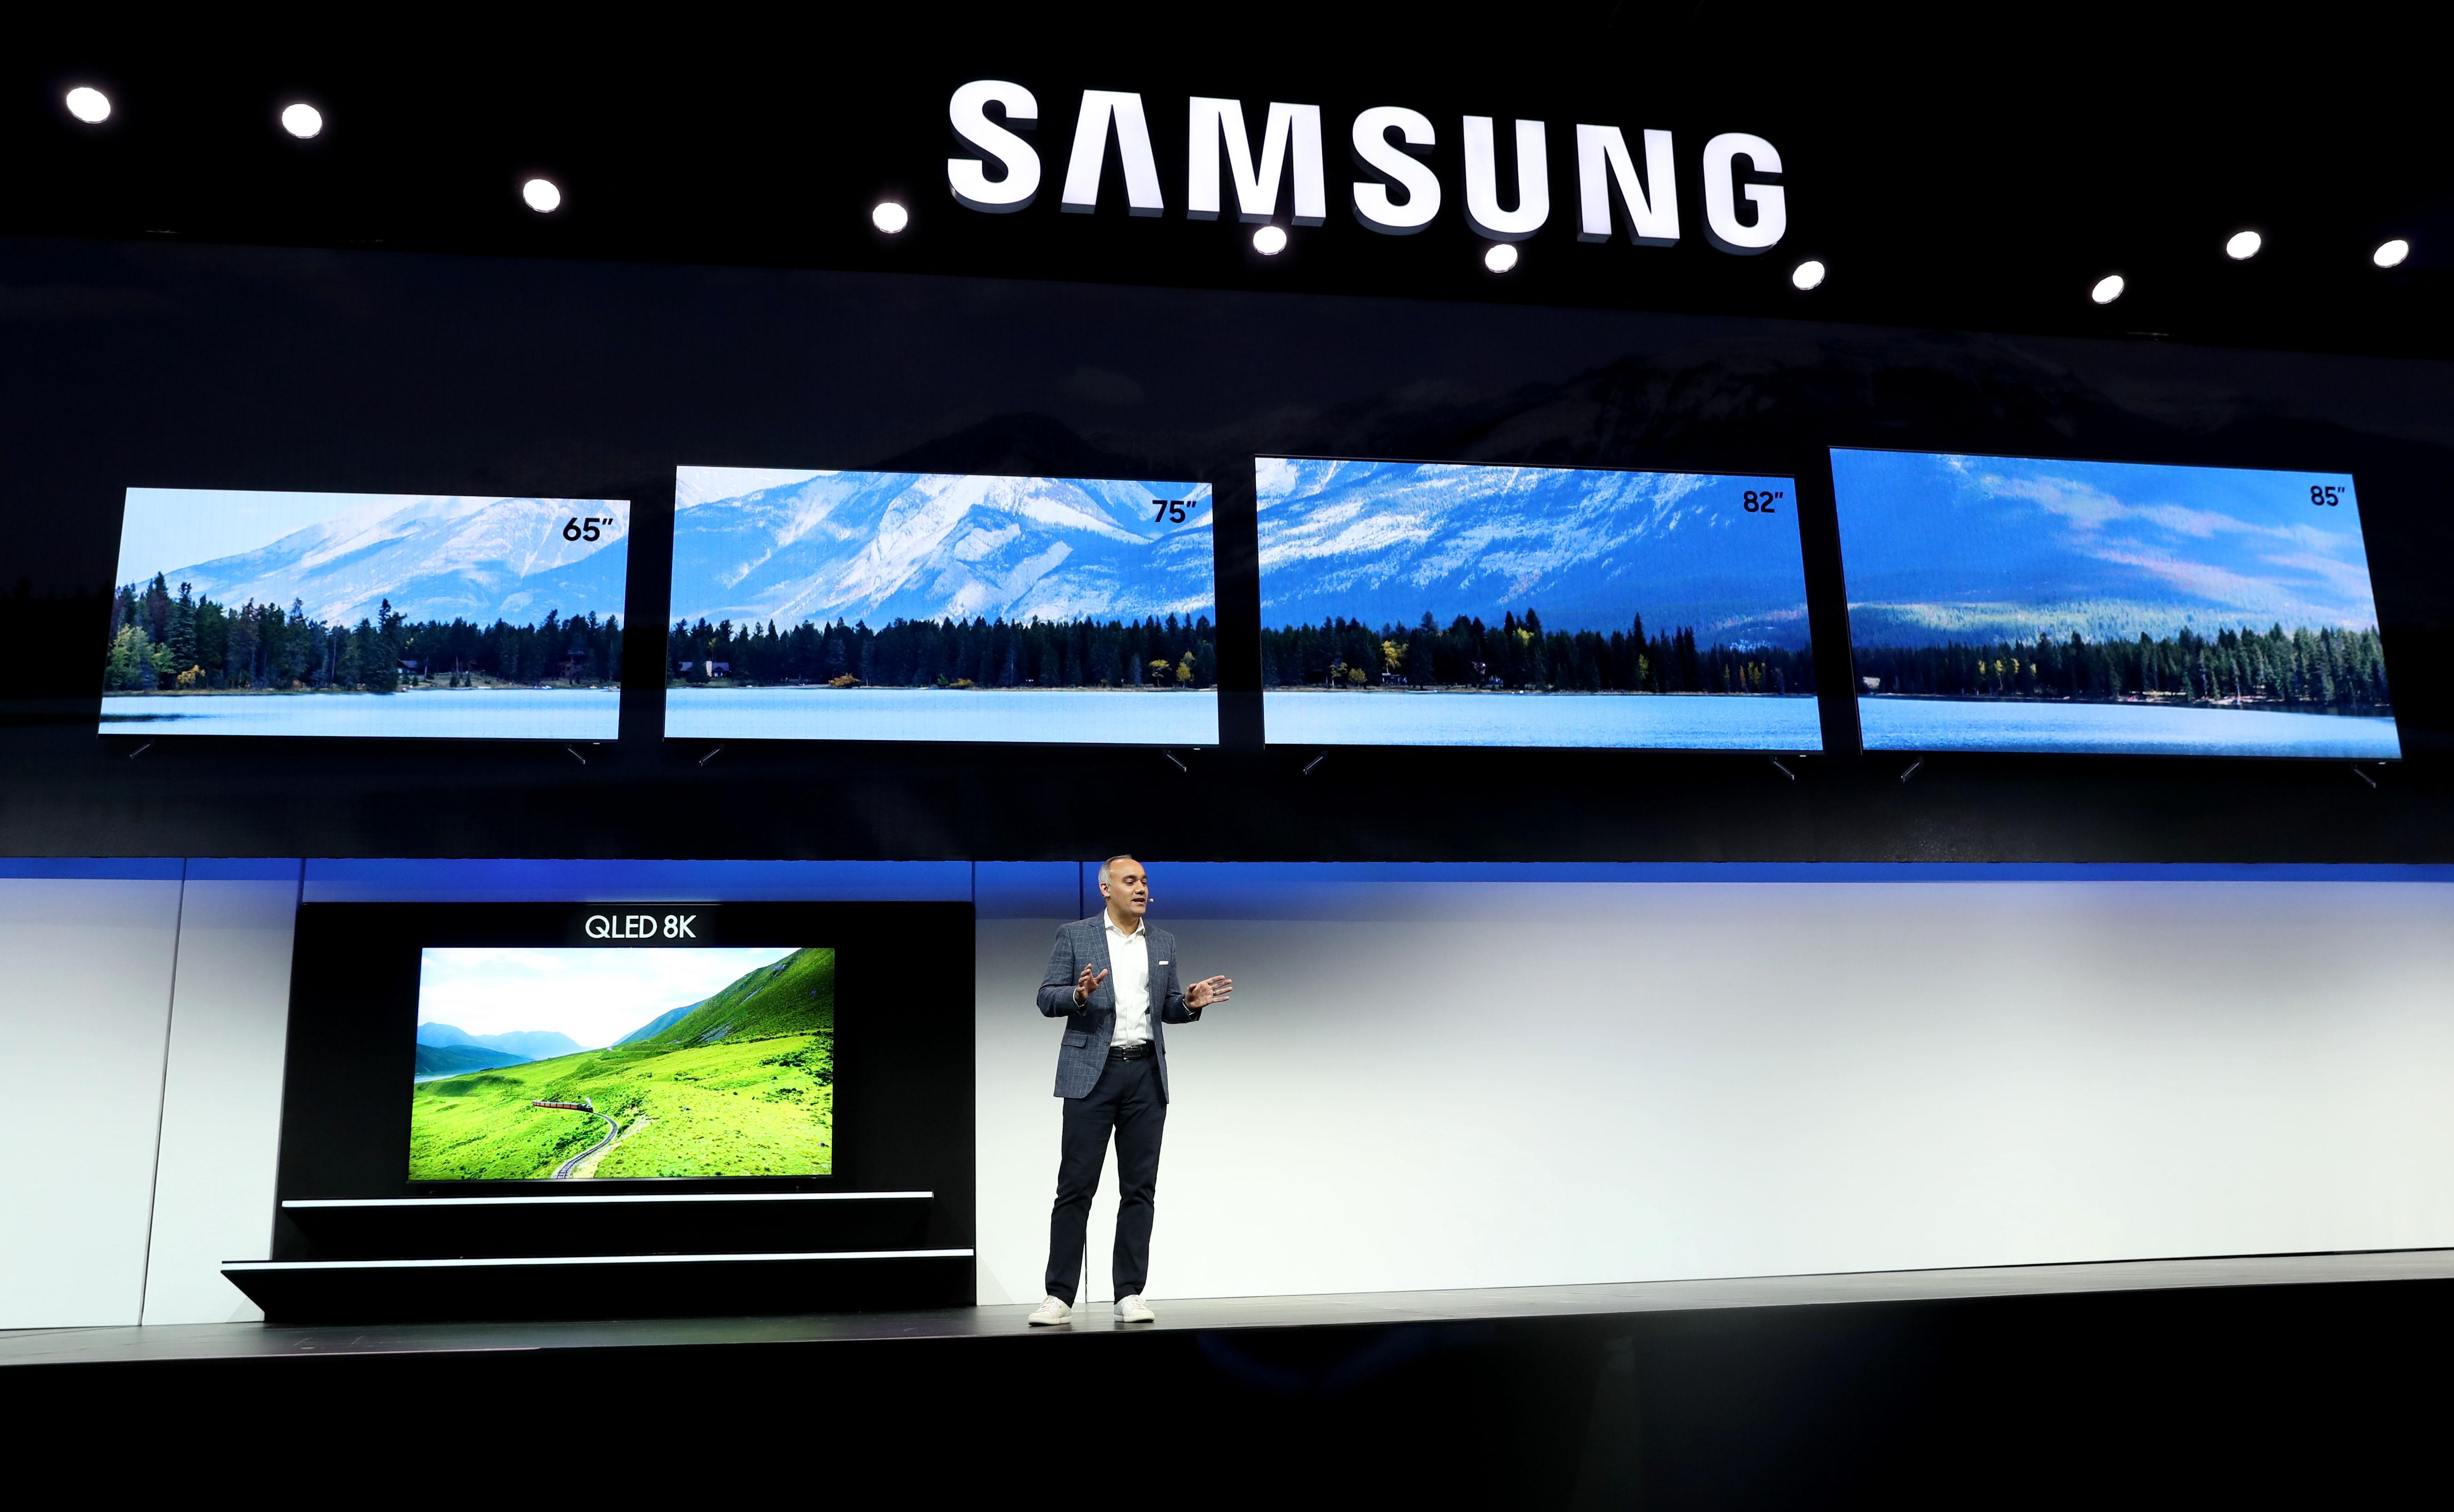 El vicepresidente senior de Samsung Electronics America, Dave Das, anuncia el nuevo televisor Samsung QLED 8K durante un evento de Samsung previo al CES 2019 en el Mandalay Bay Convention Center (AFP)